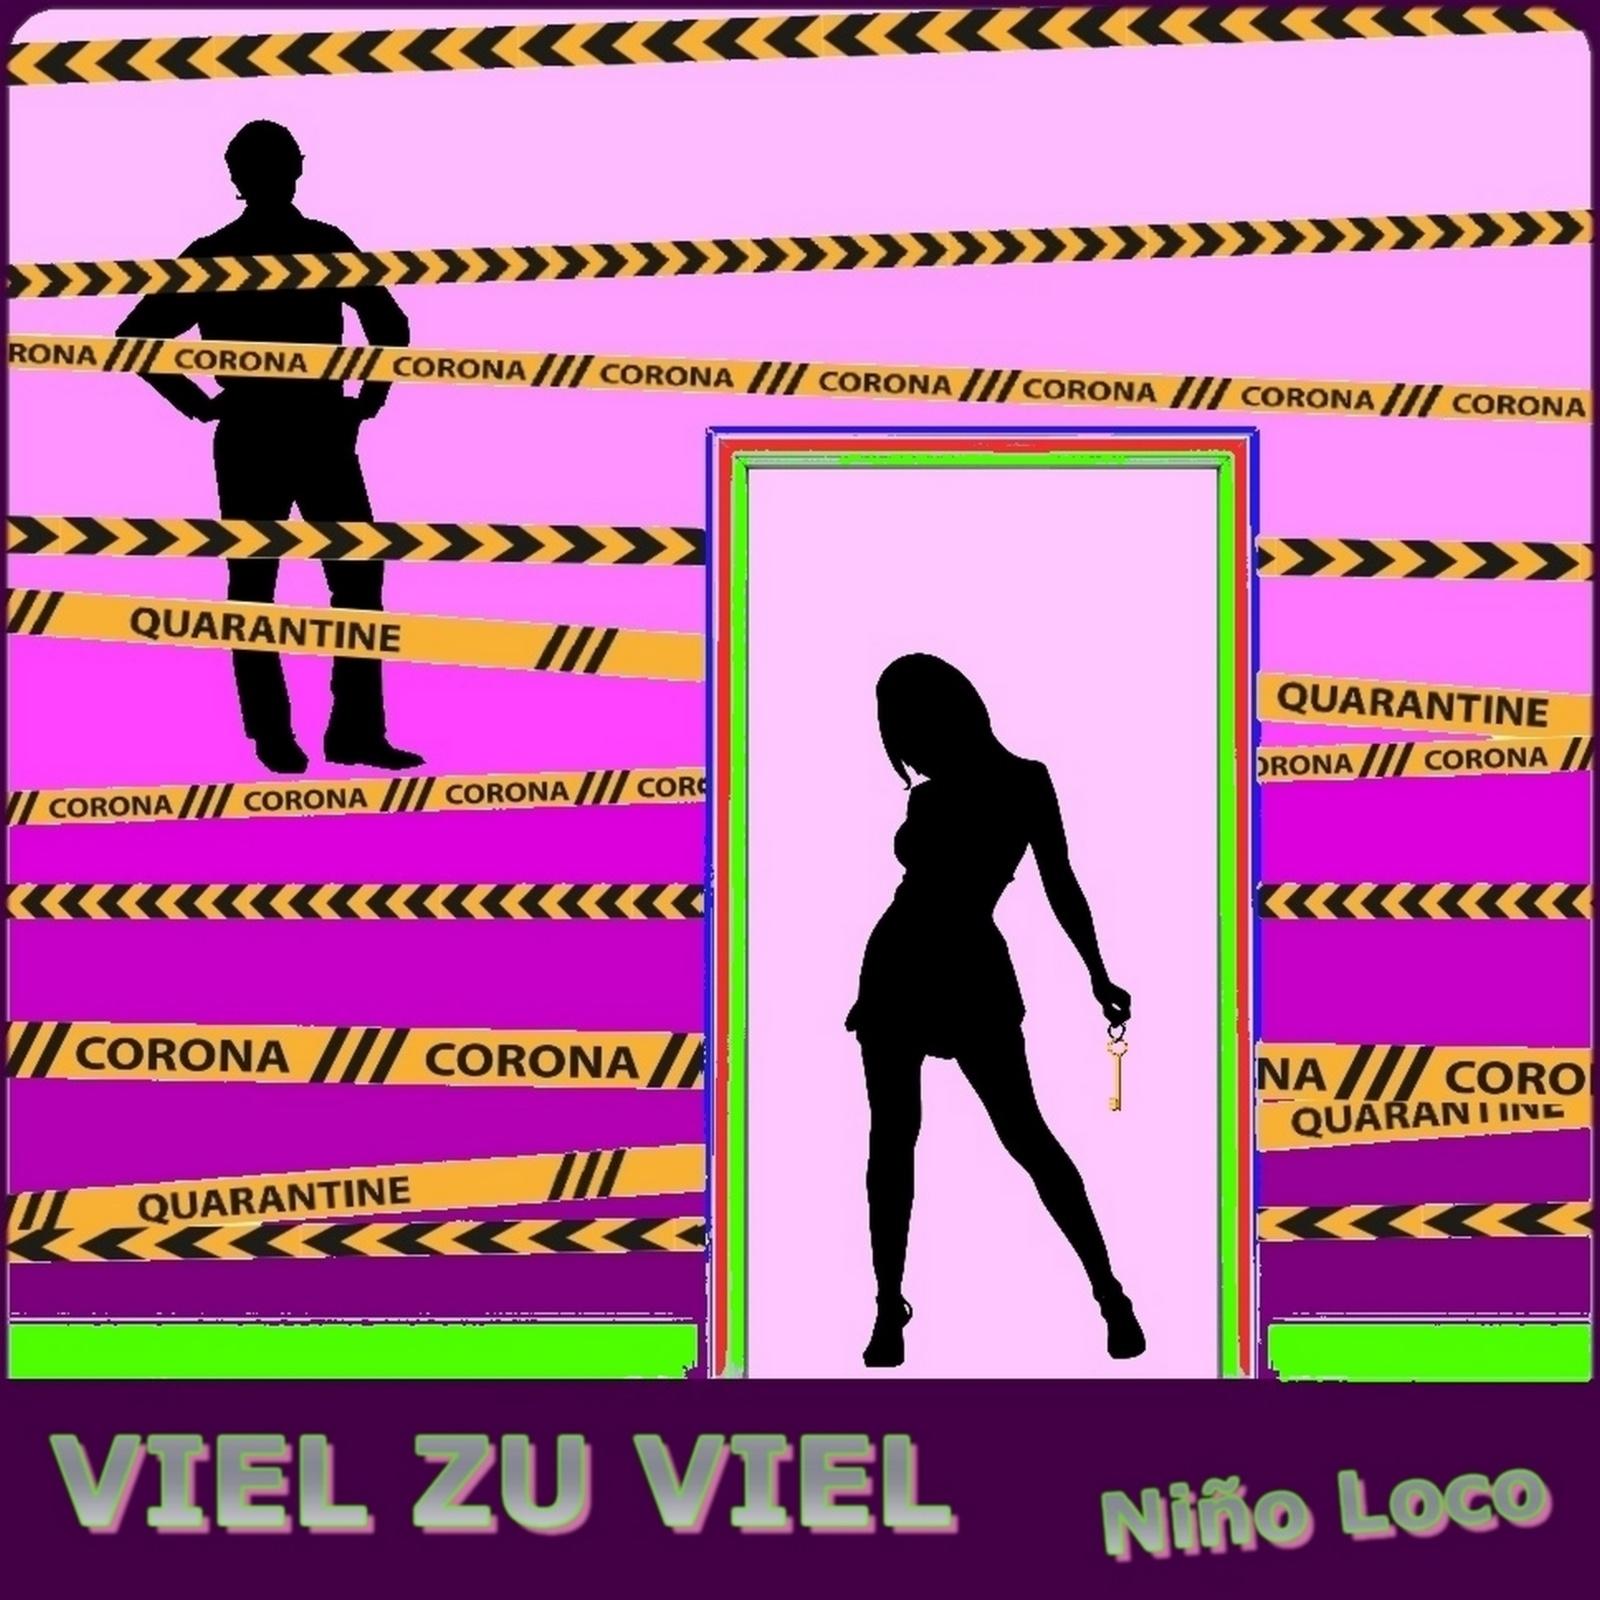 """Bildlink zum Vimeo-Musikvideo """"Viel zu viel"""" von Niño Loco"""